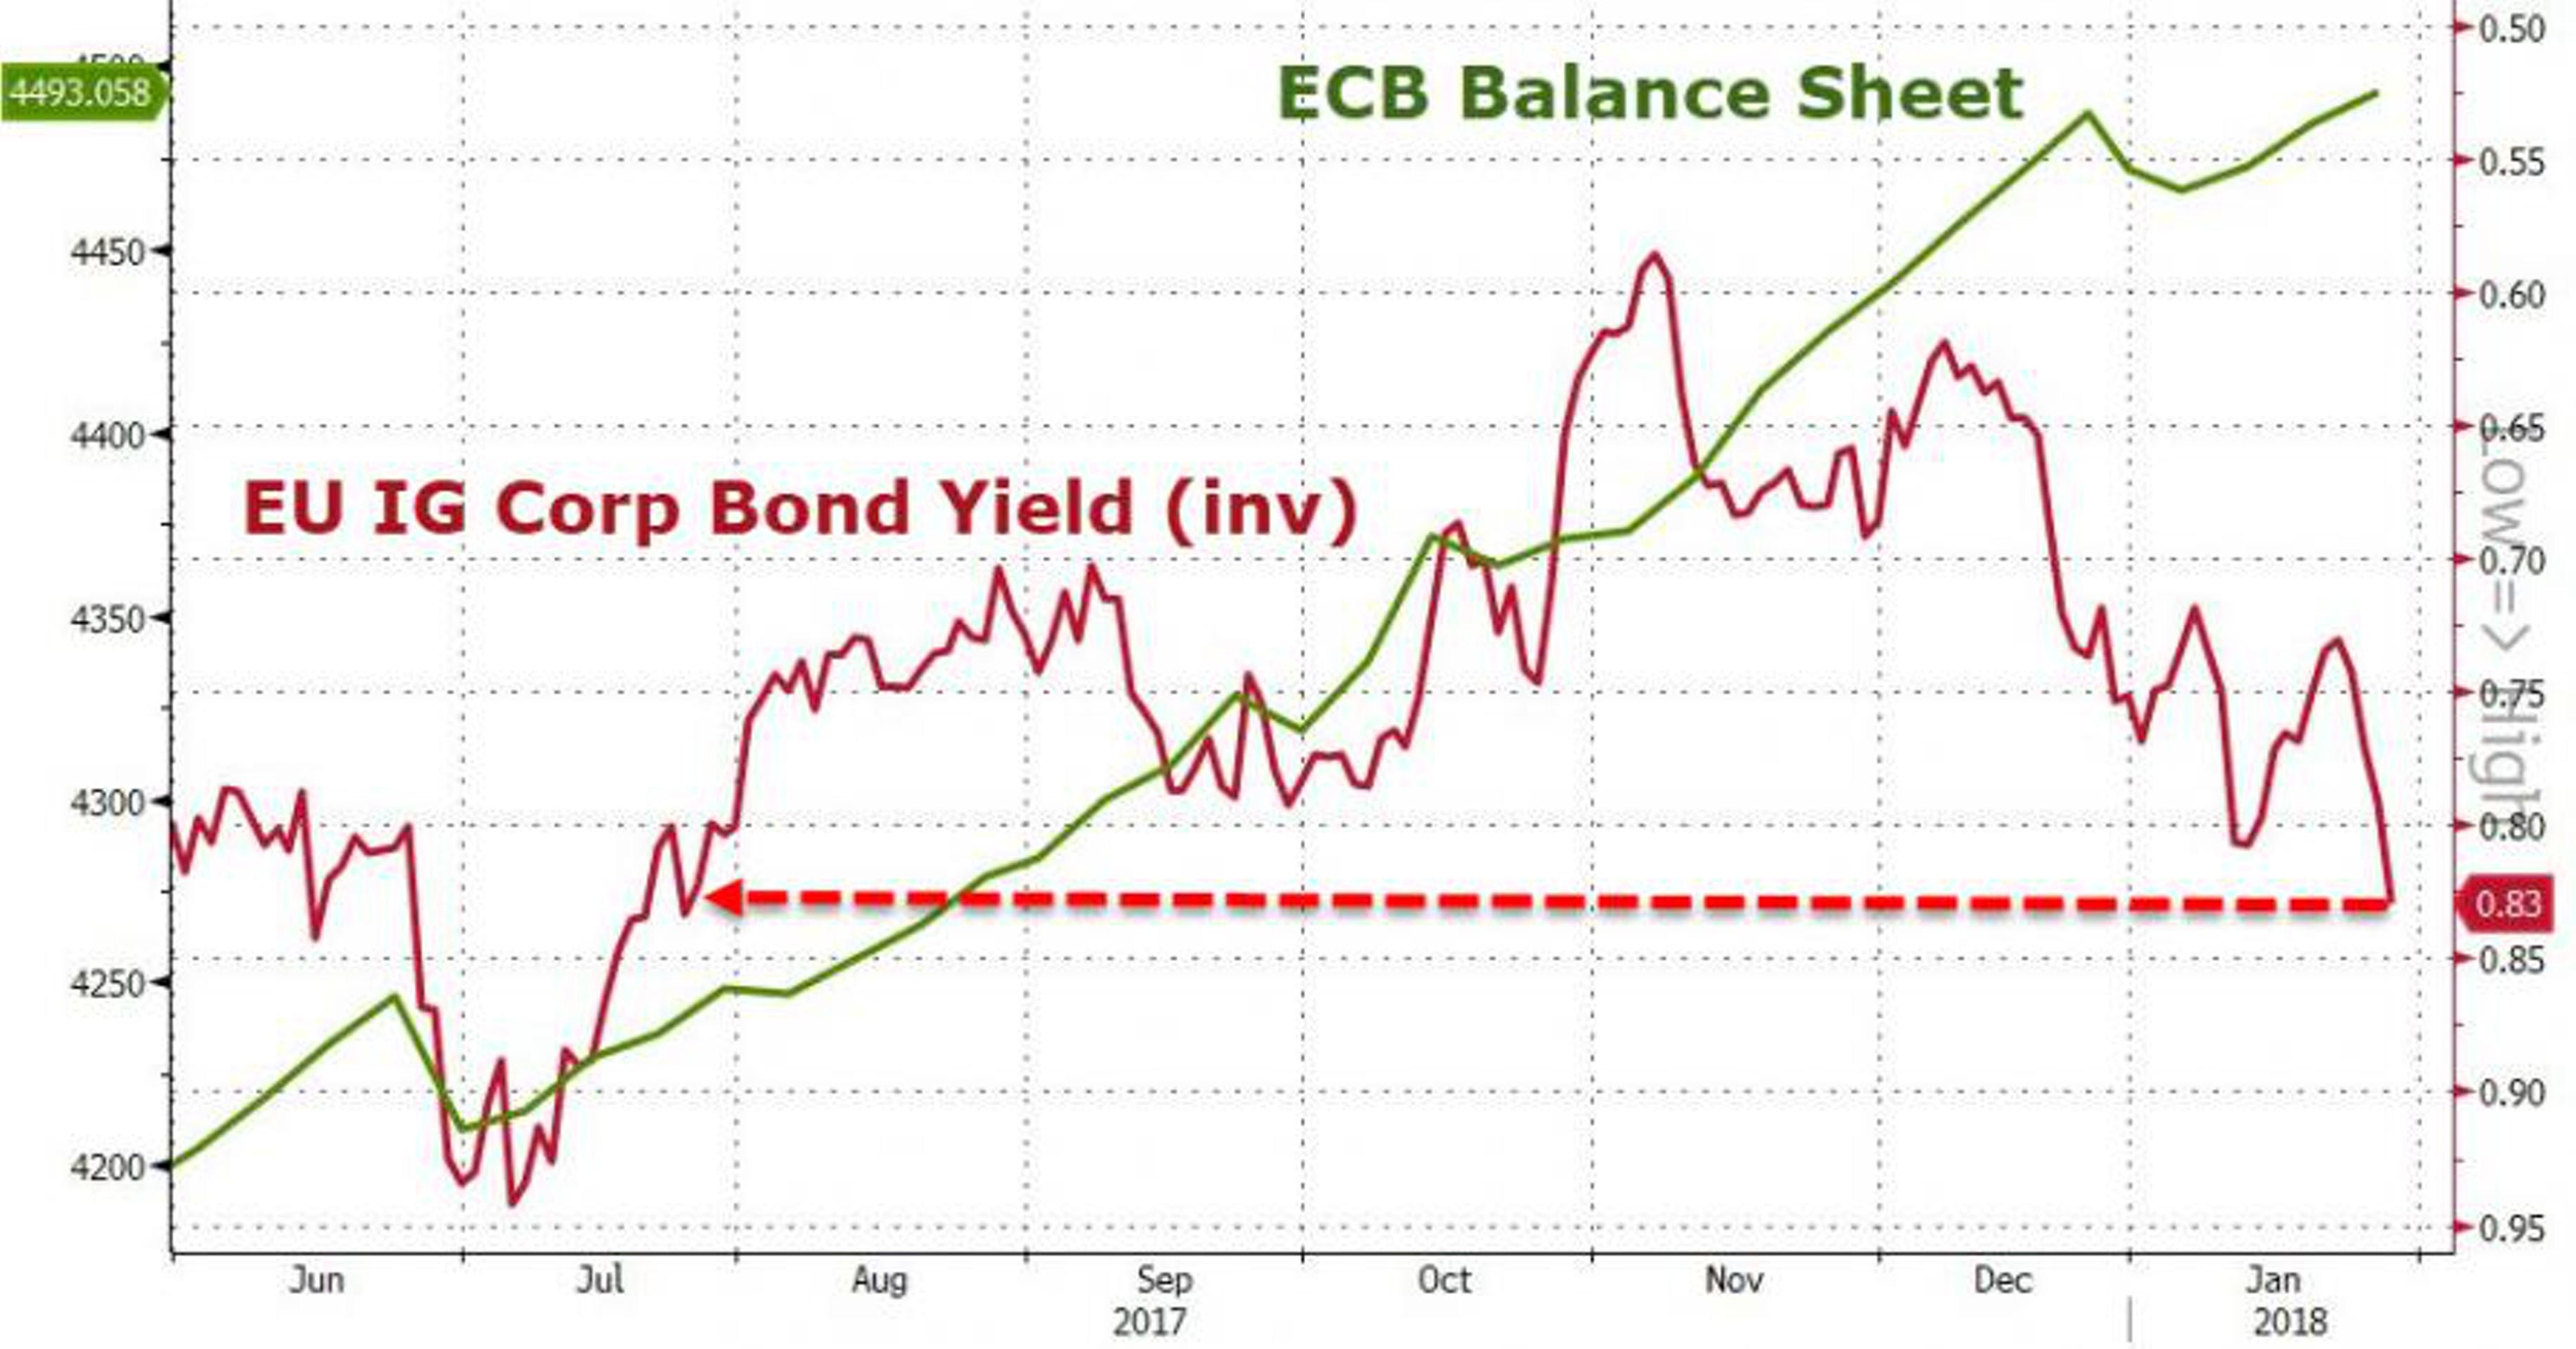 ЕЦБ потерял контроль на рынком